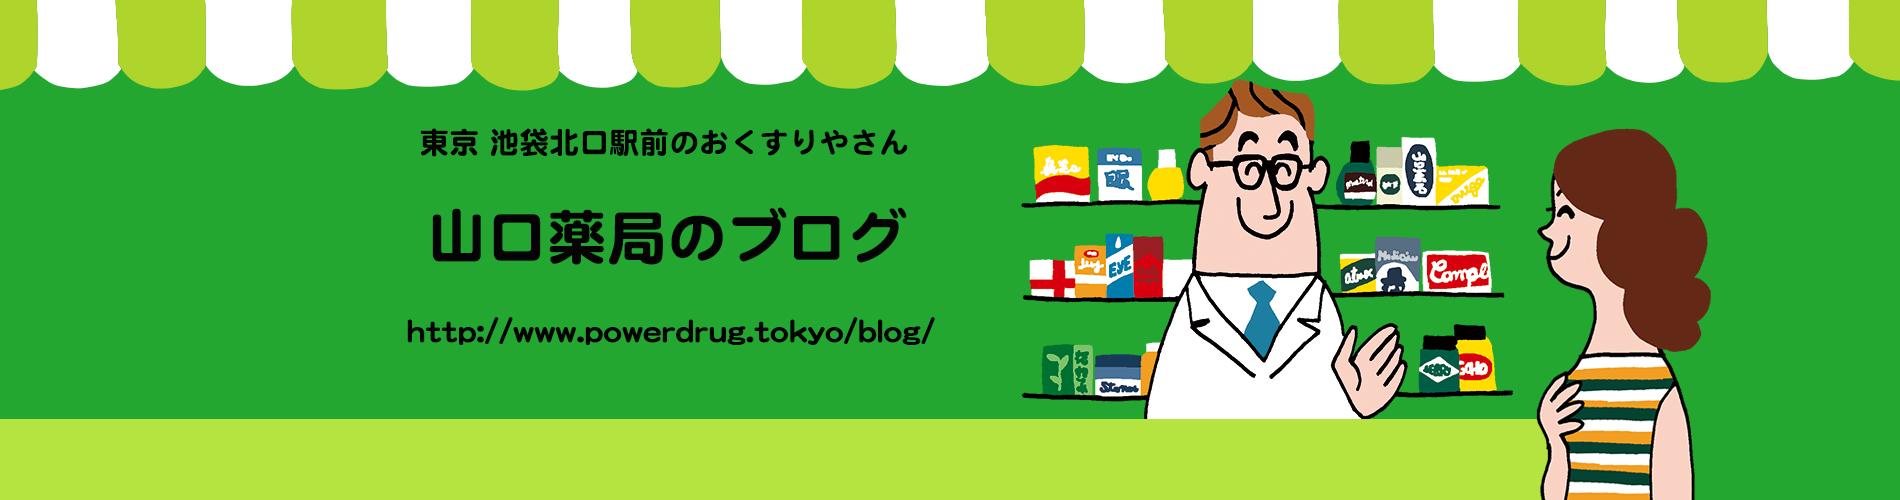 山口薬局のブログ